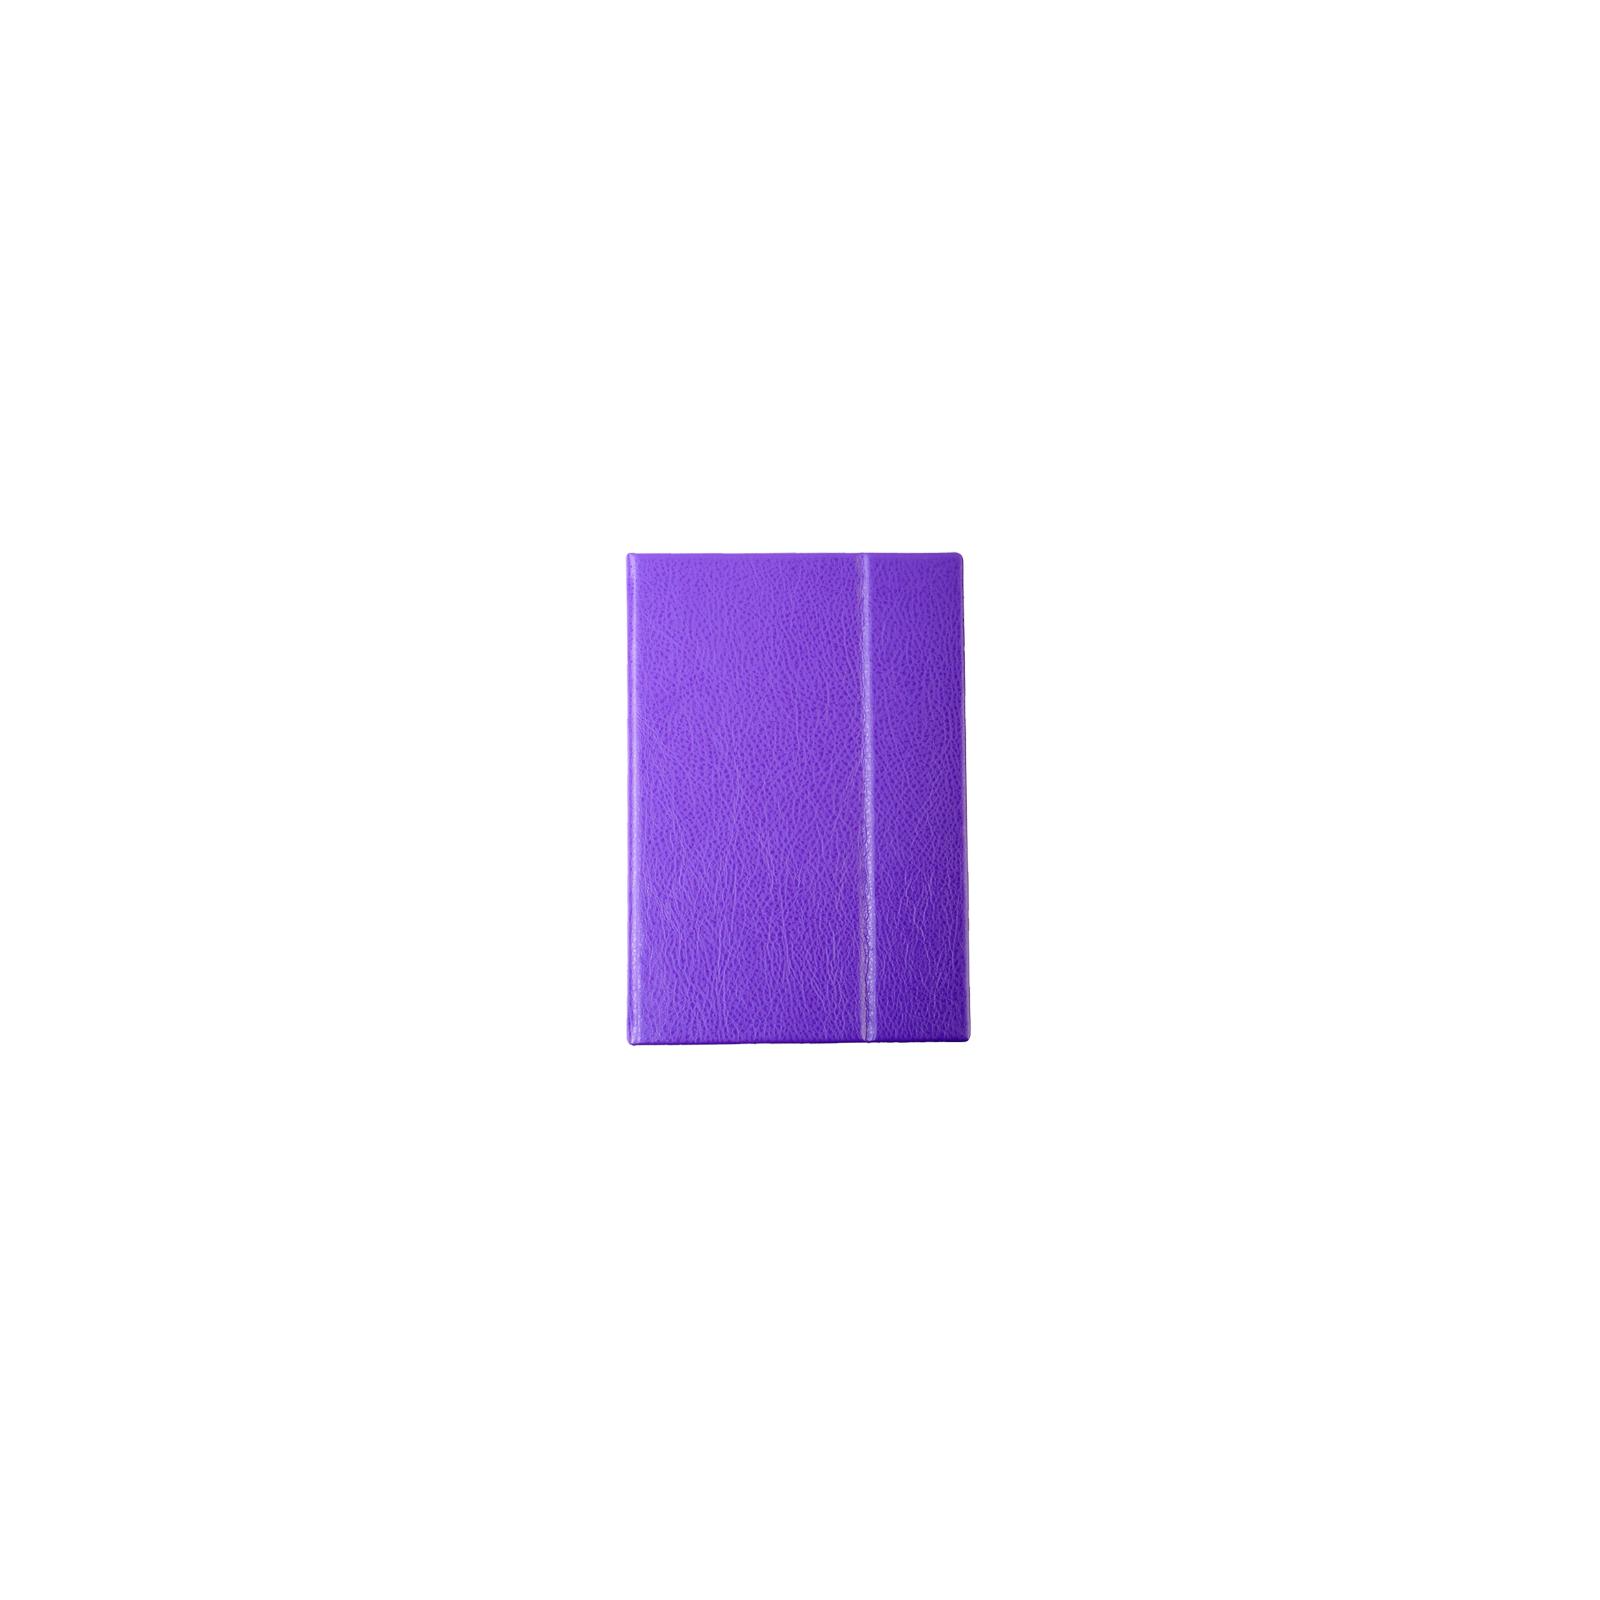 Чехол для планшета Vento 8 Desire Bright - purple изображение 2